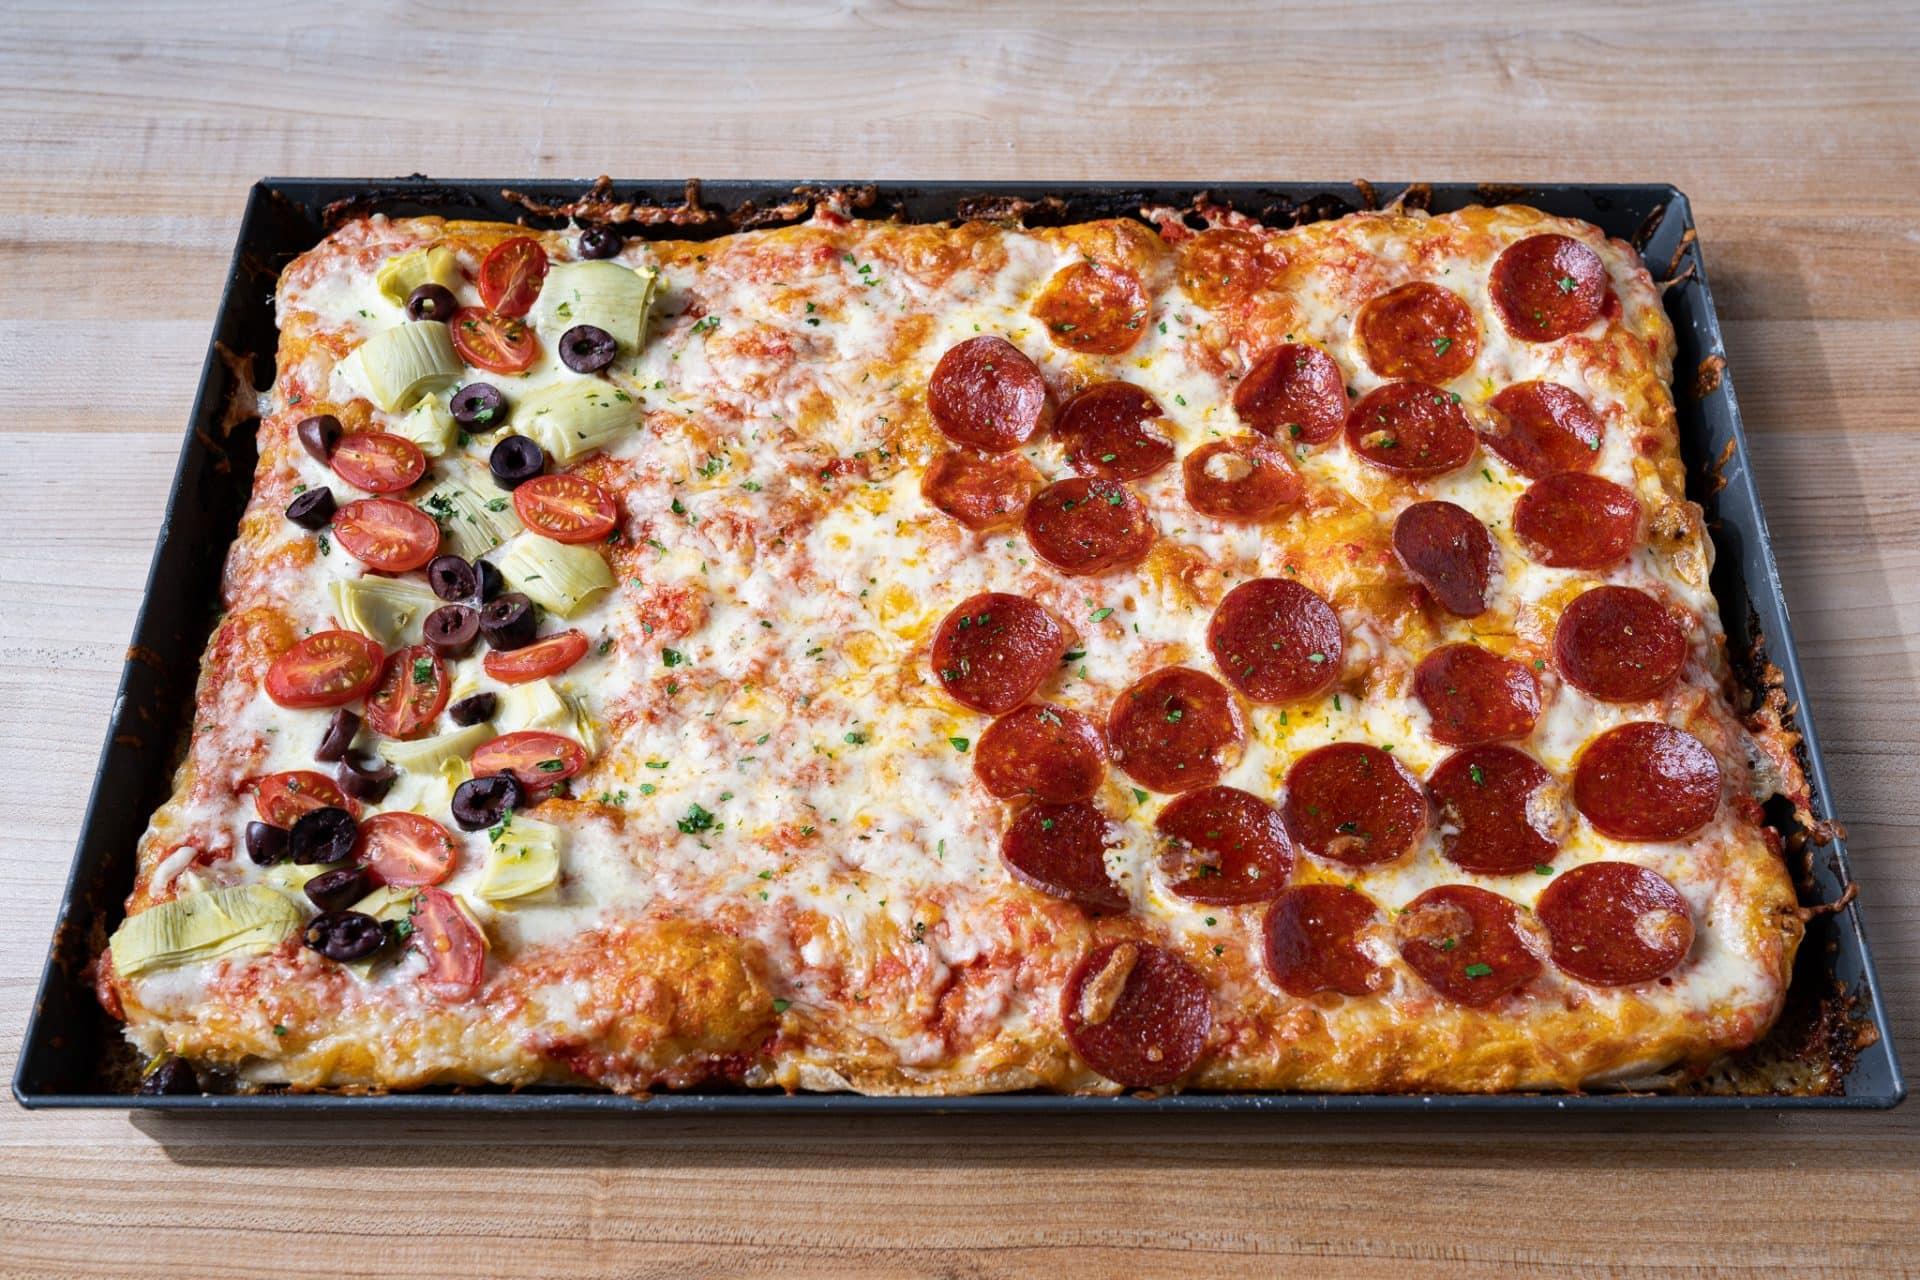 Sourdough pizza al taglio